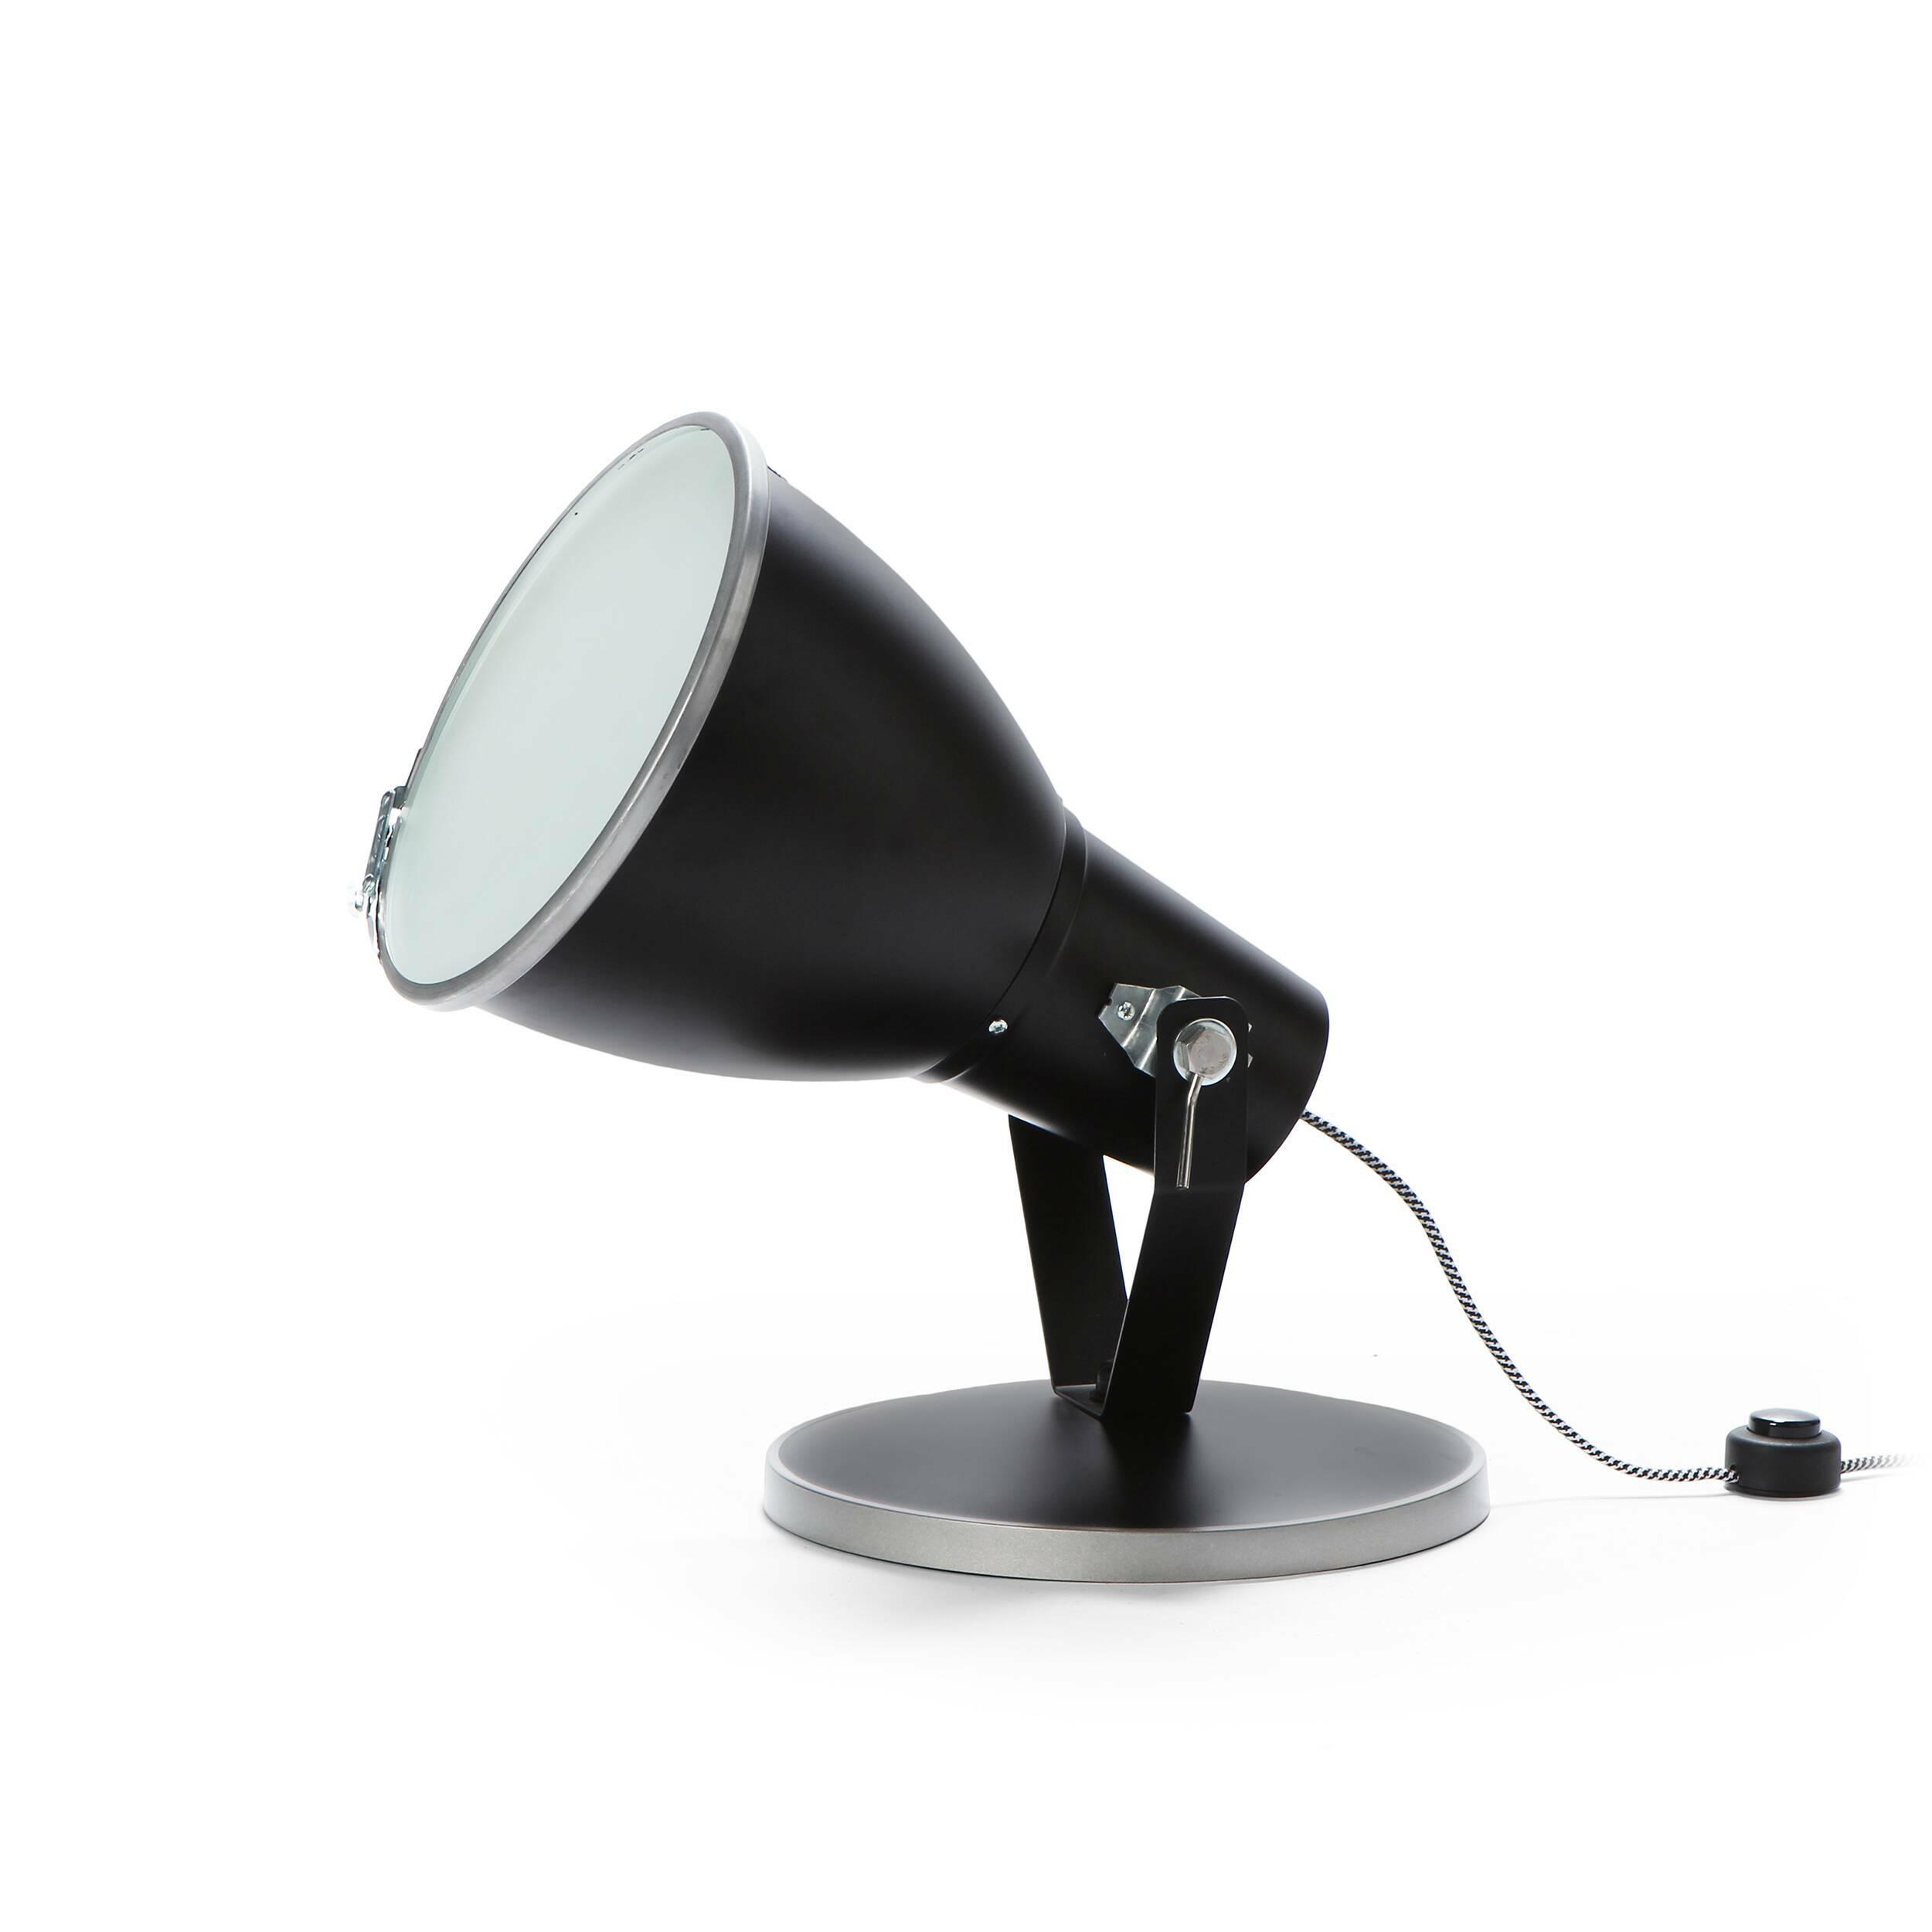 Напольный светильник Stirrup Uplighter биокамин напольный классика в москве недорого